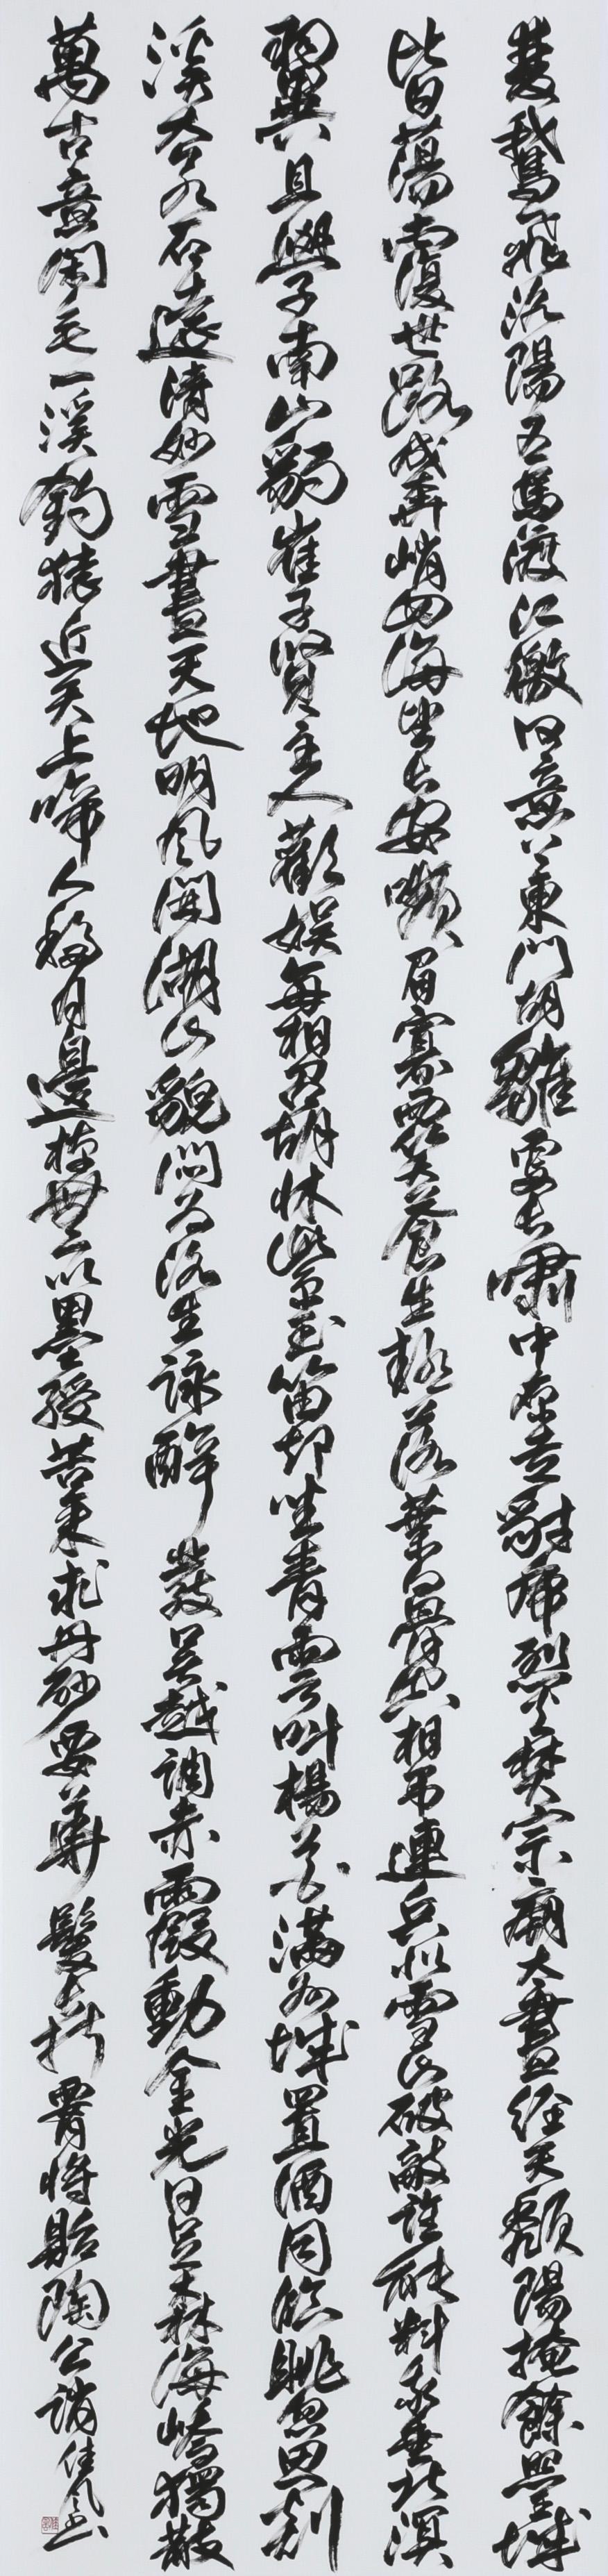 第35回記念産経国際書展出品作「李白 落日」(縦240×横60センチ)